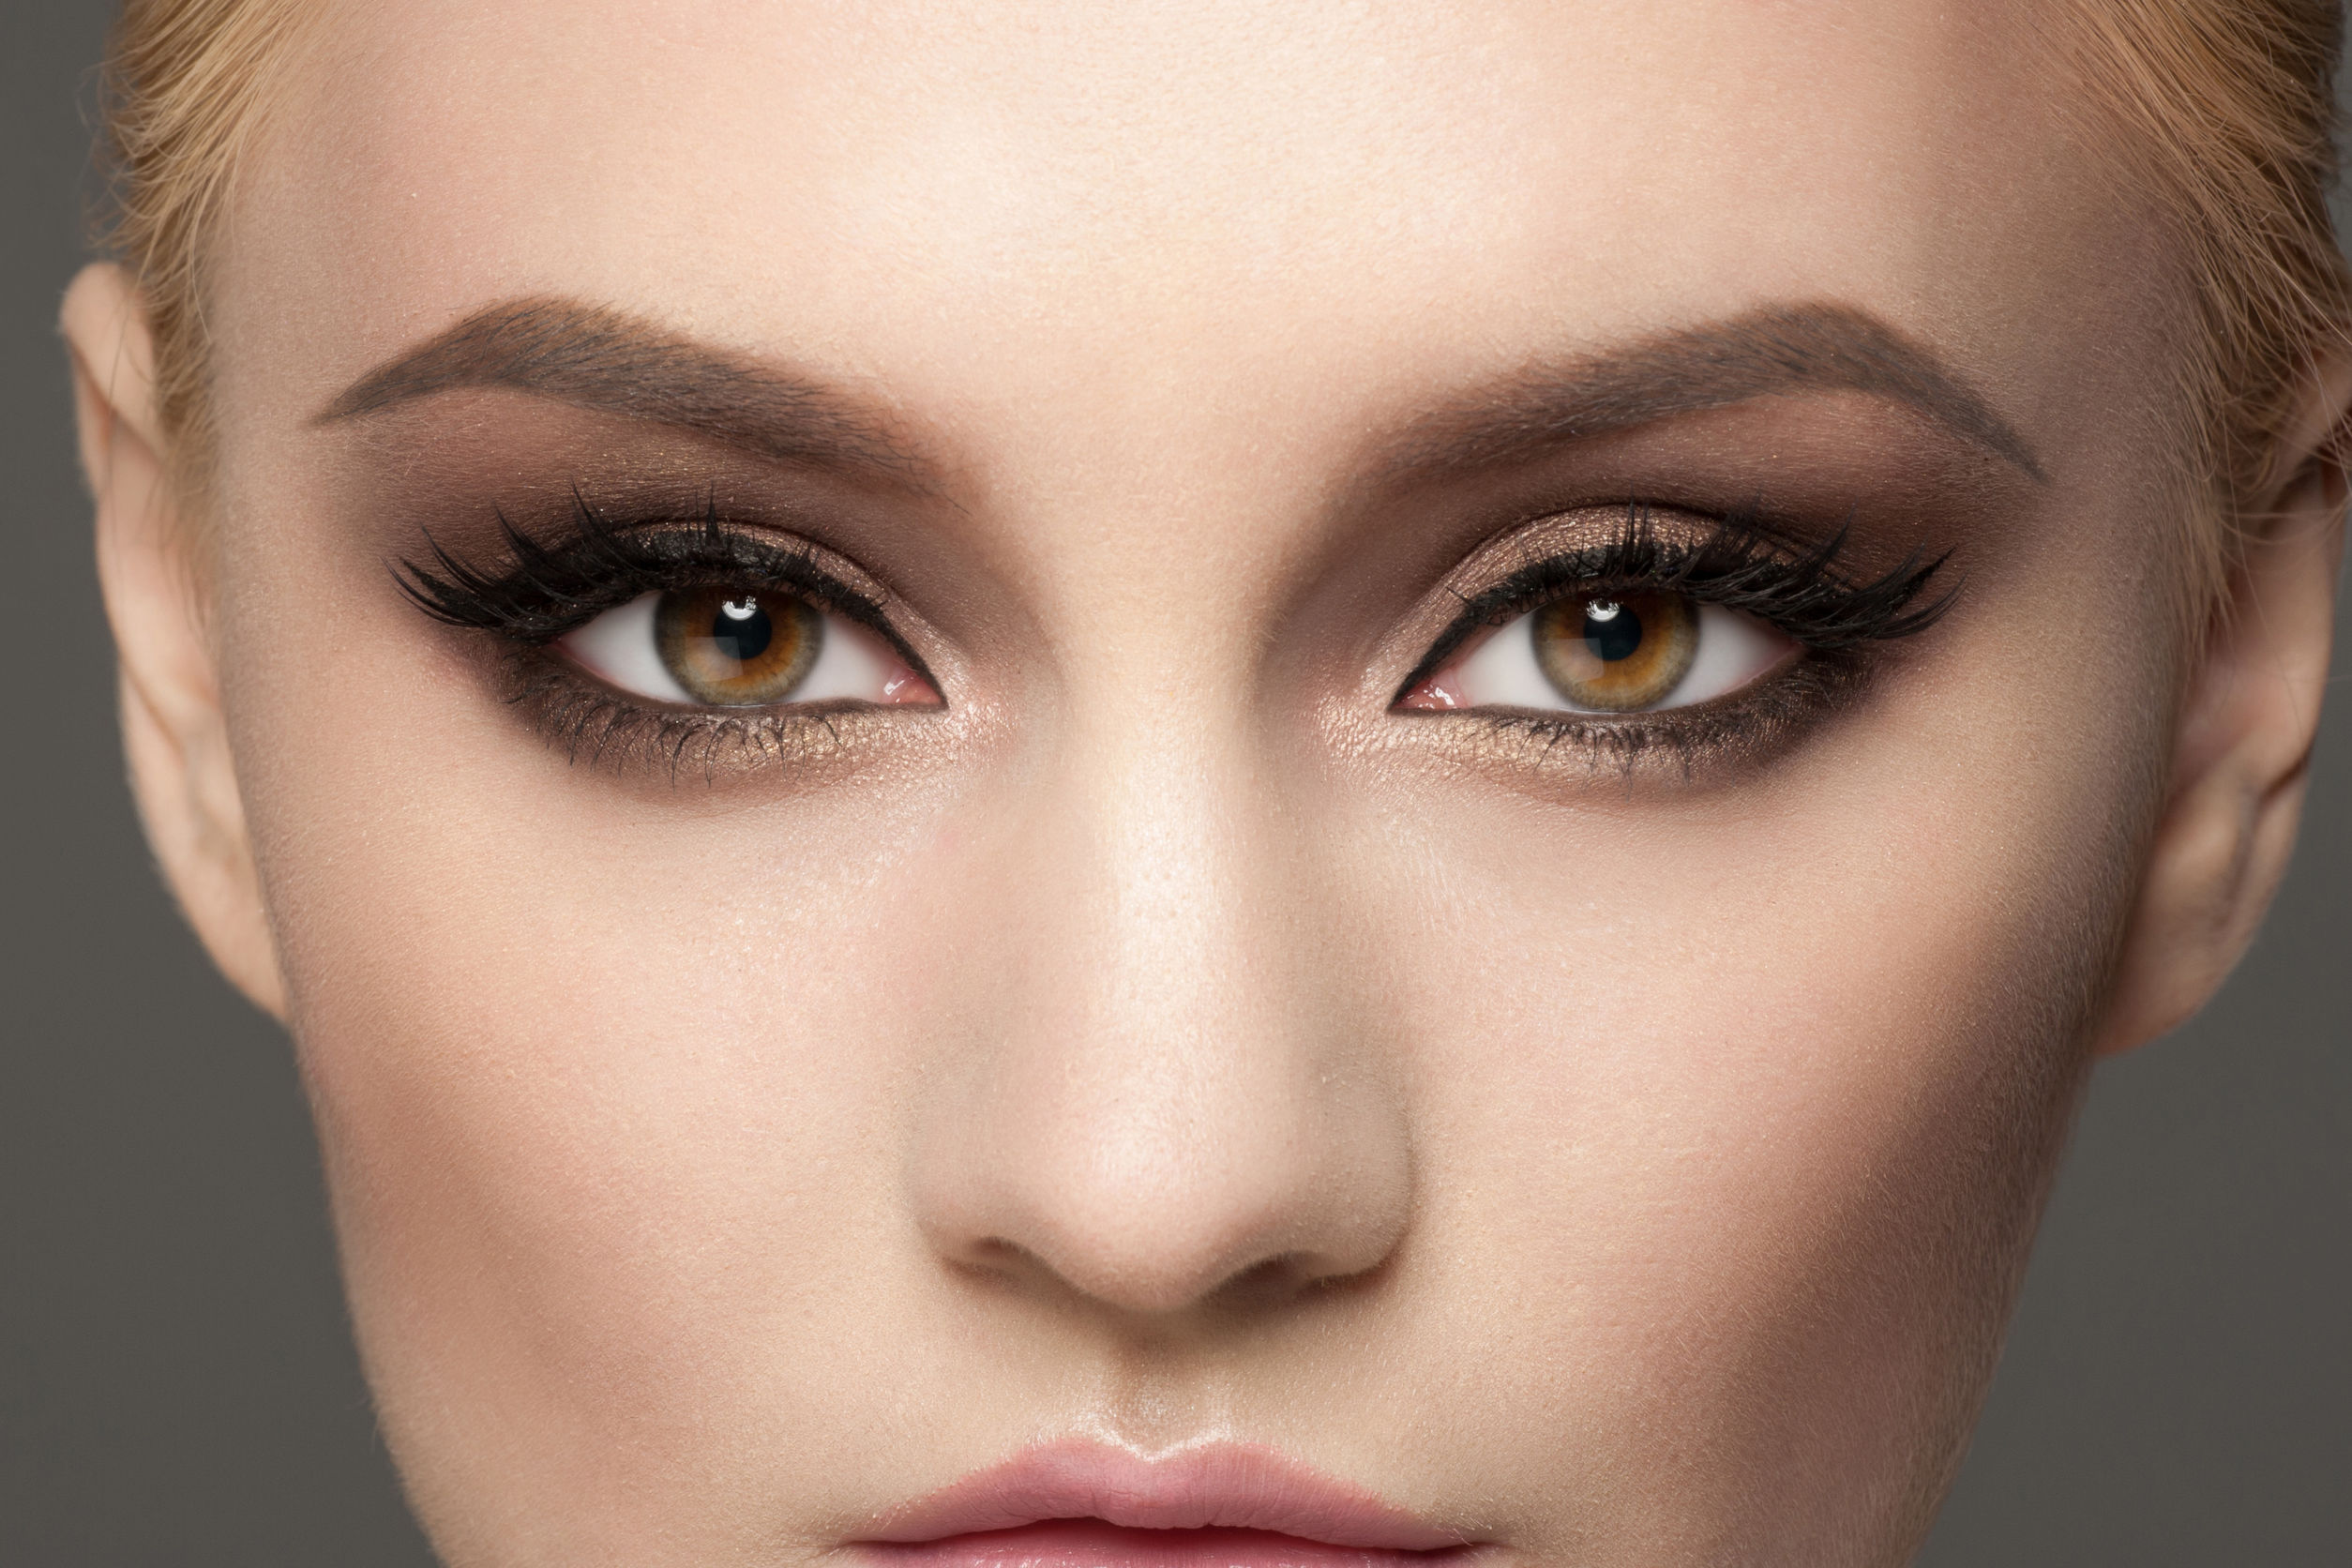 Maquillage en fonction de la couleur de mes yeux